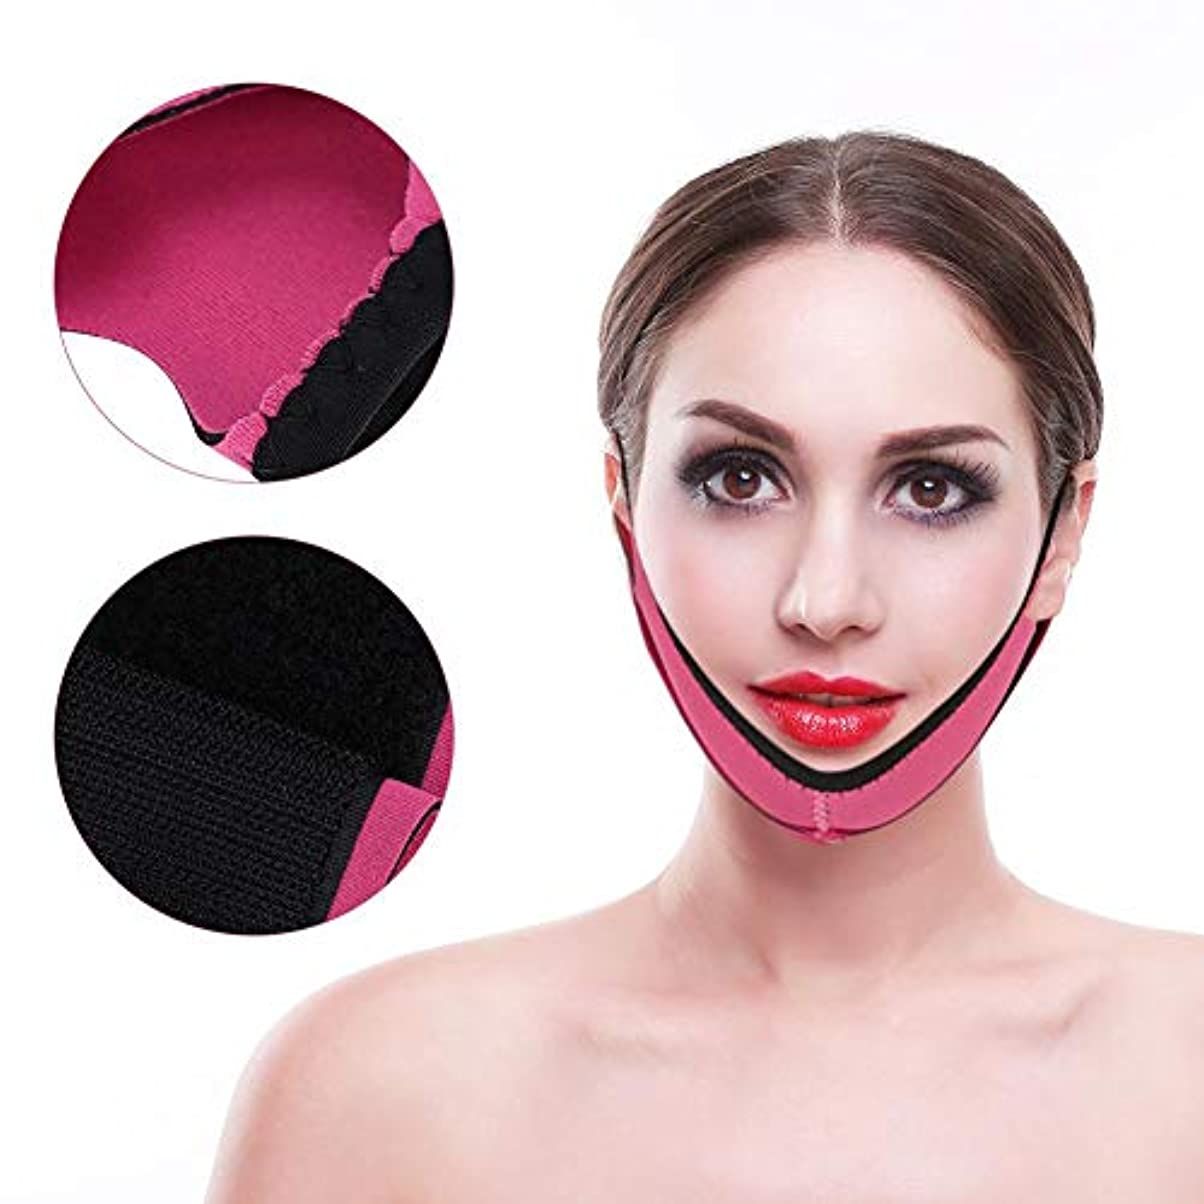 後世程度聖人Vフェイスラインベルト、超薄型ストラップバンドVフェイスラインベルトは、二重あごと顔面筋の弛緩を効果的に改善します。